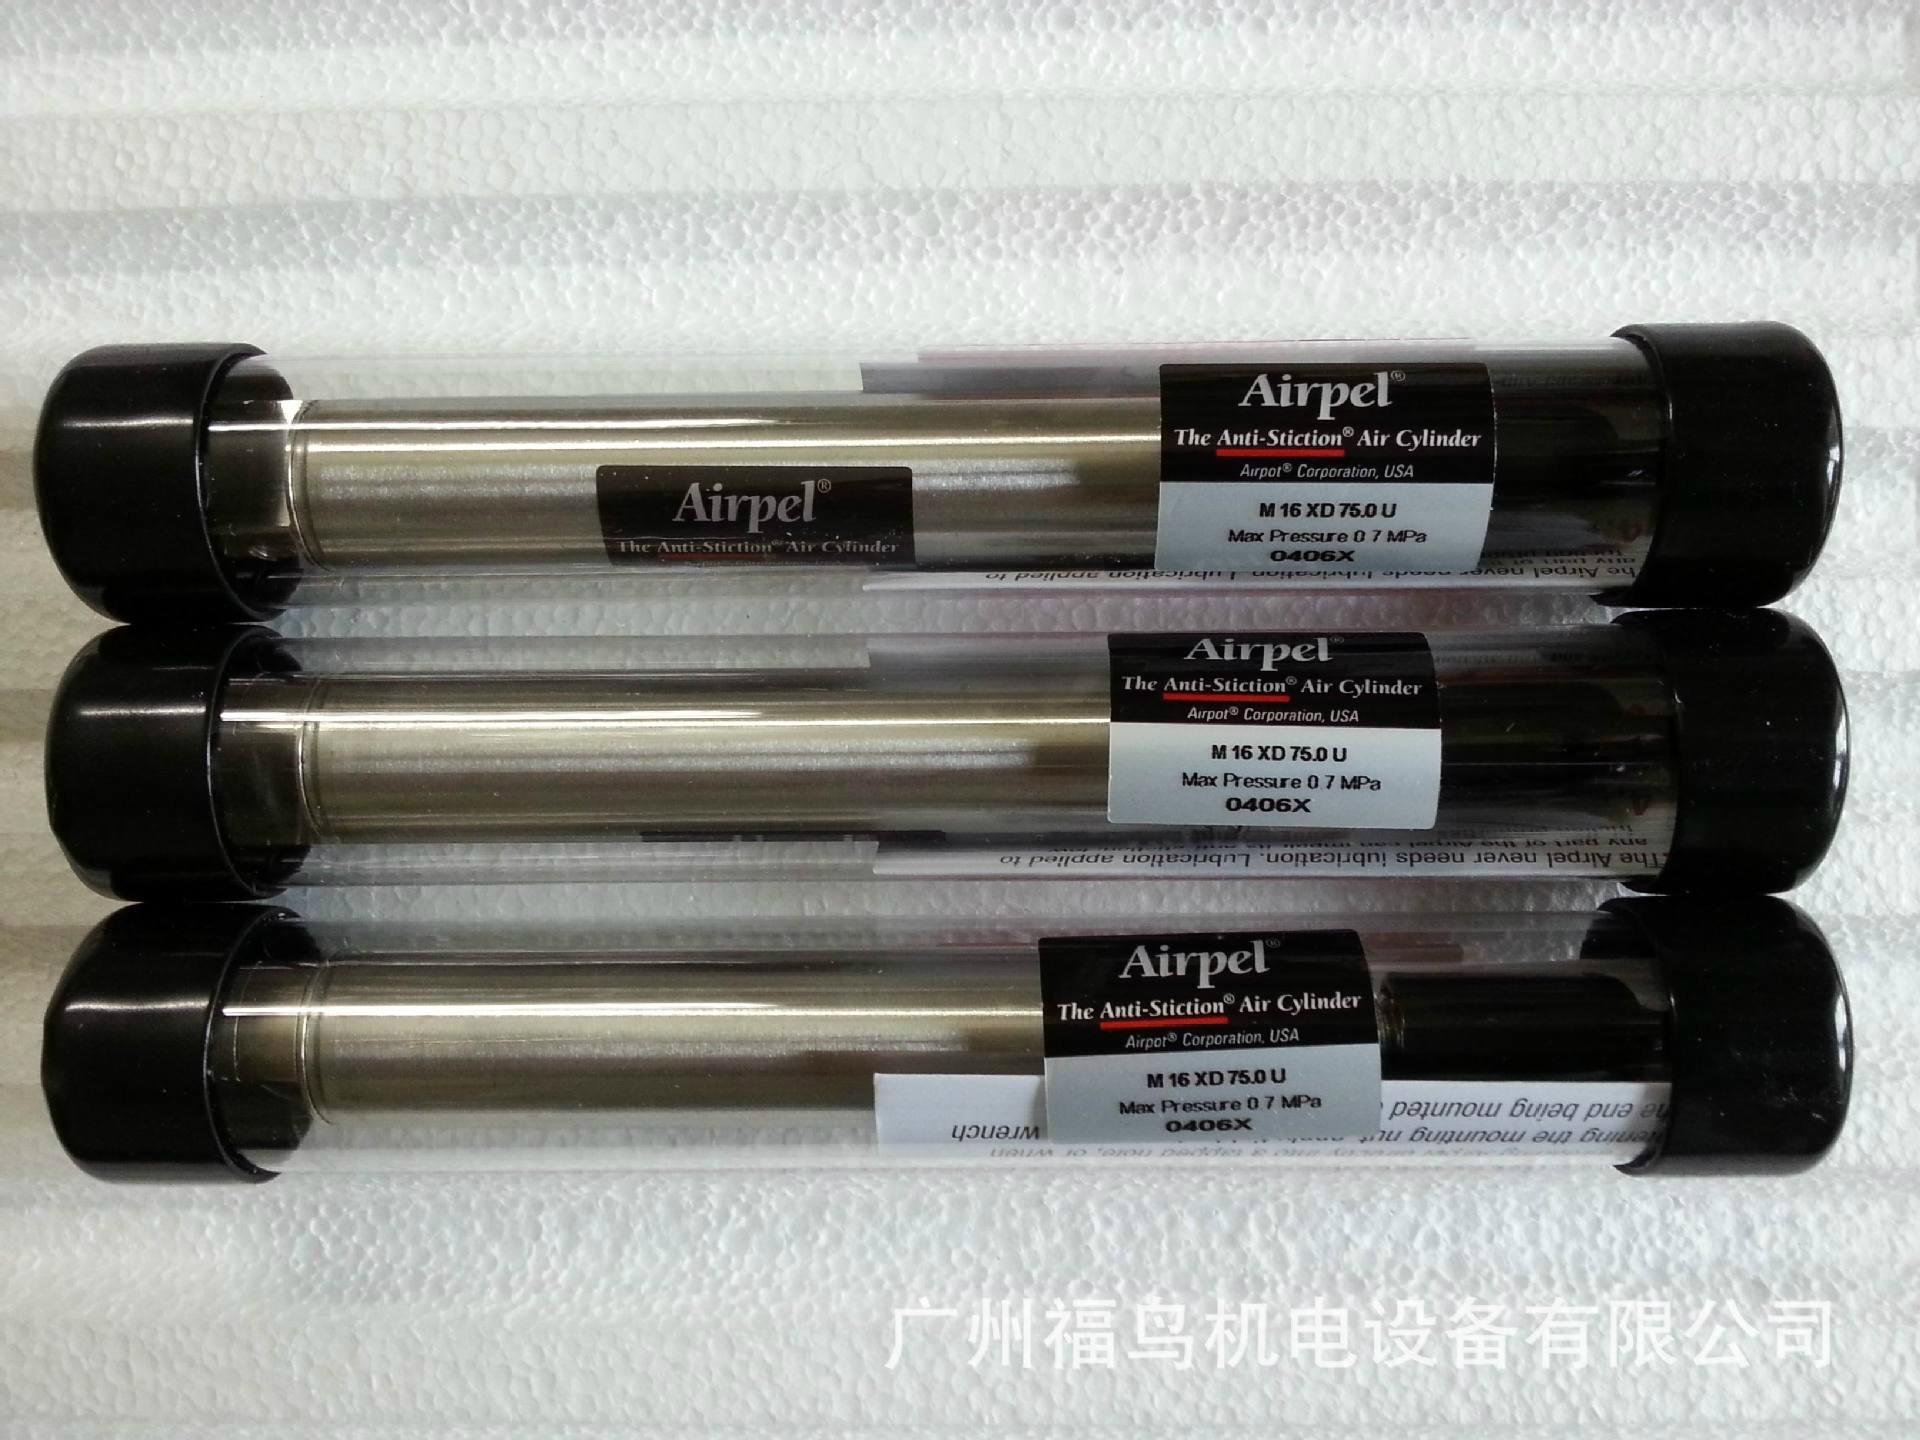 AIRPEL玻璃气缸, 型号: M16XD75.0U